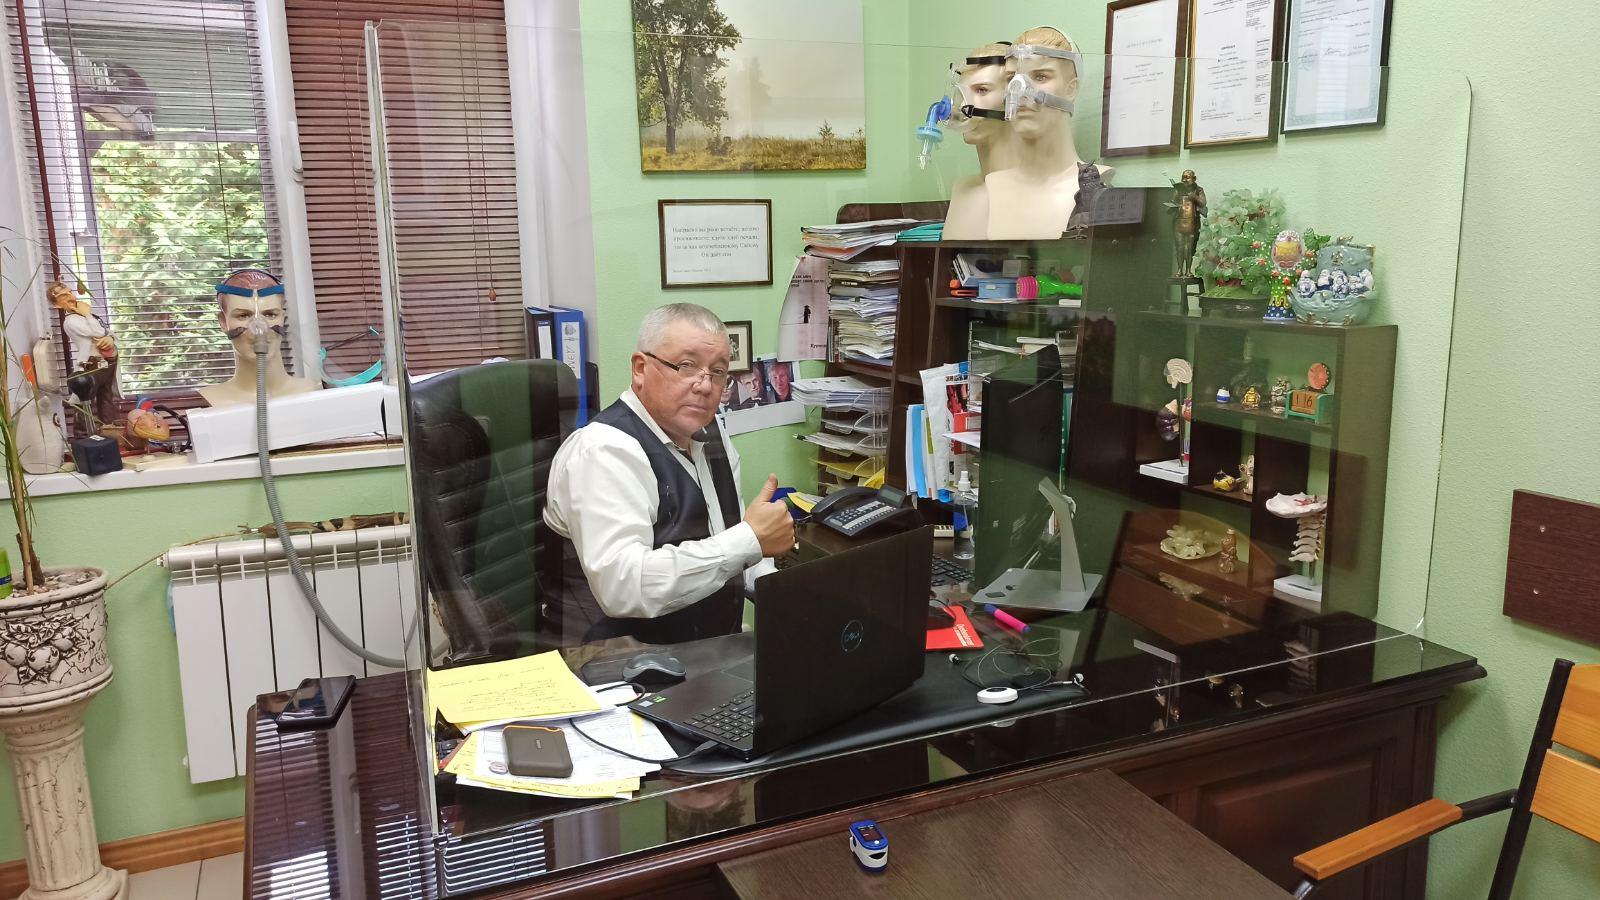 Головний лікар лабораторії сну, сомнолог, кардіолог Погорецький Юрій Несторович у своєму кабінеті